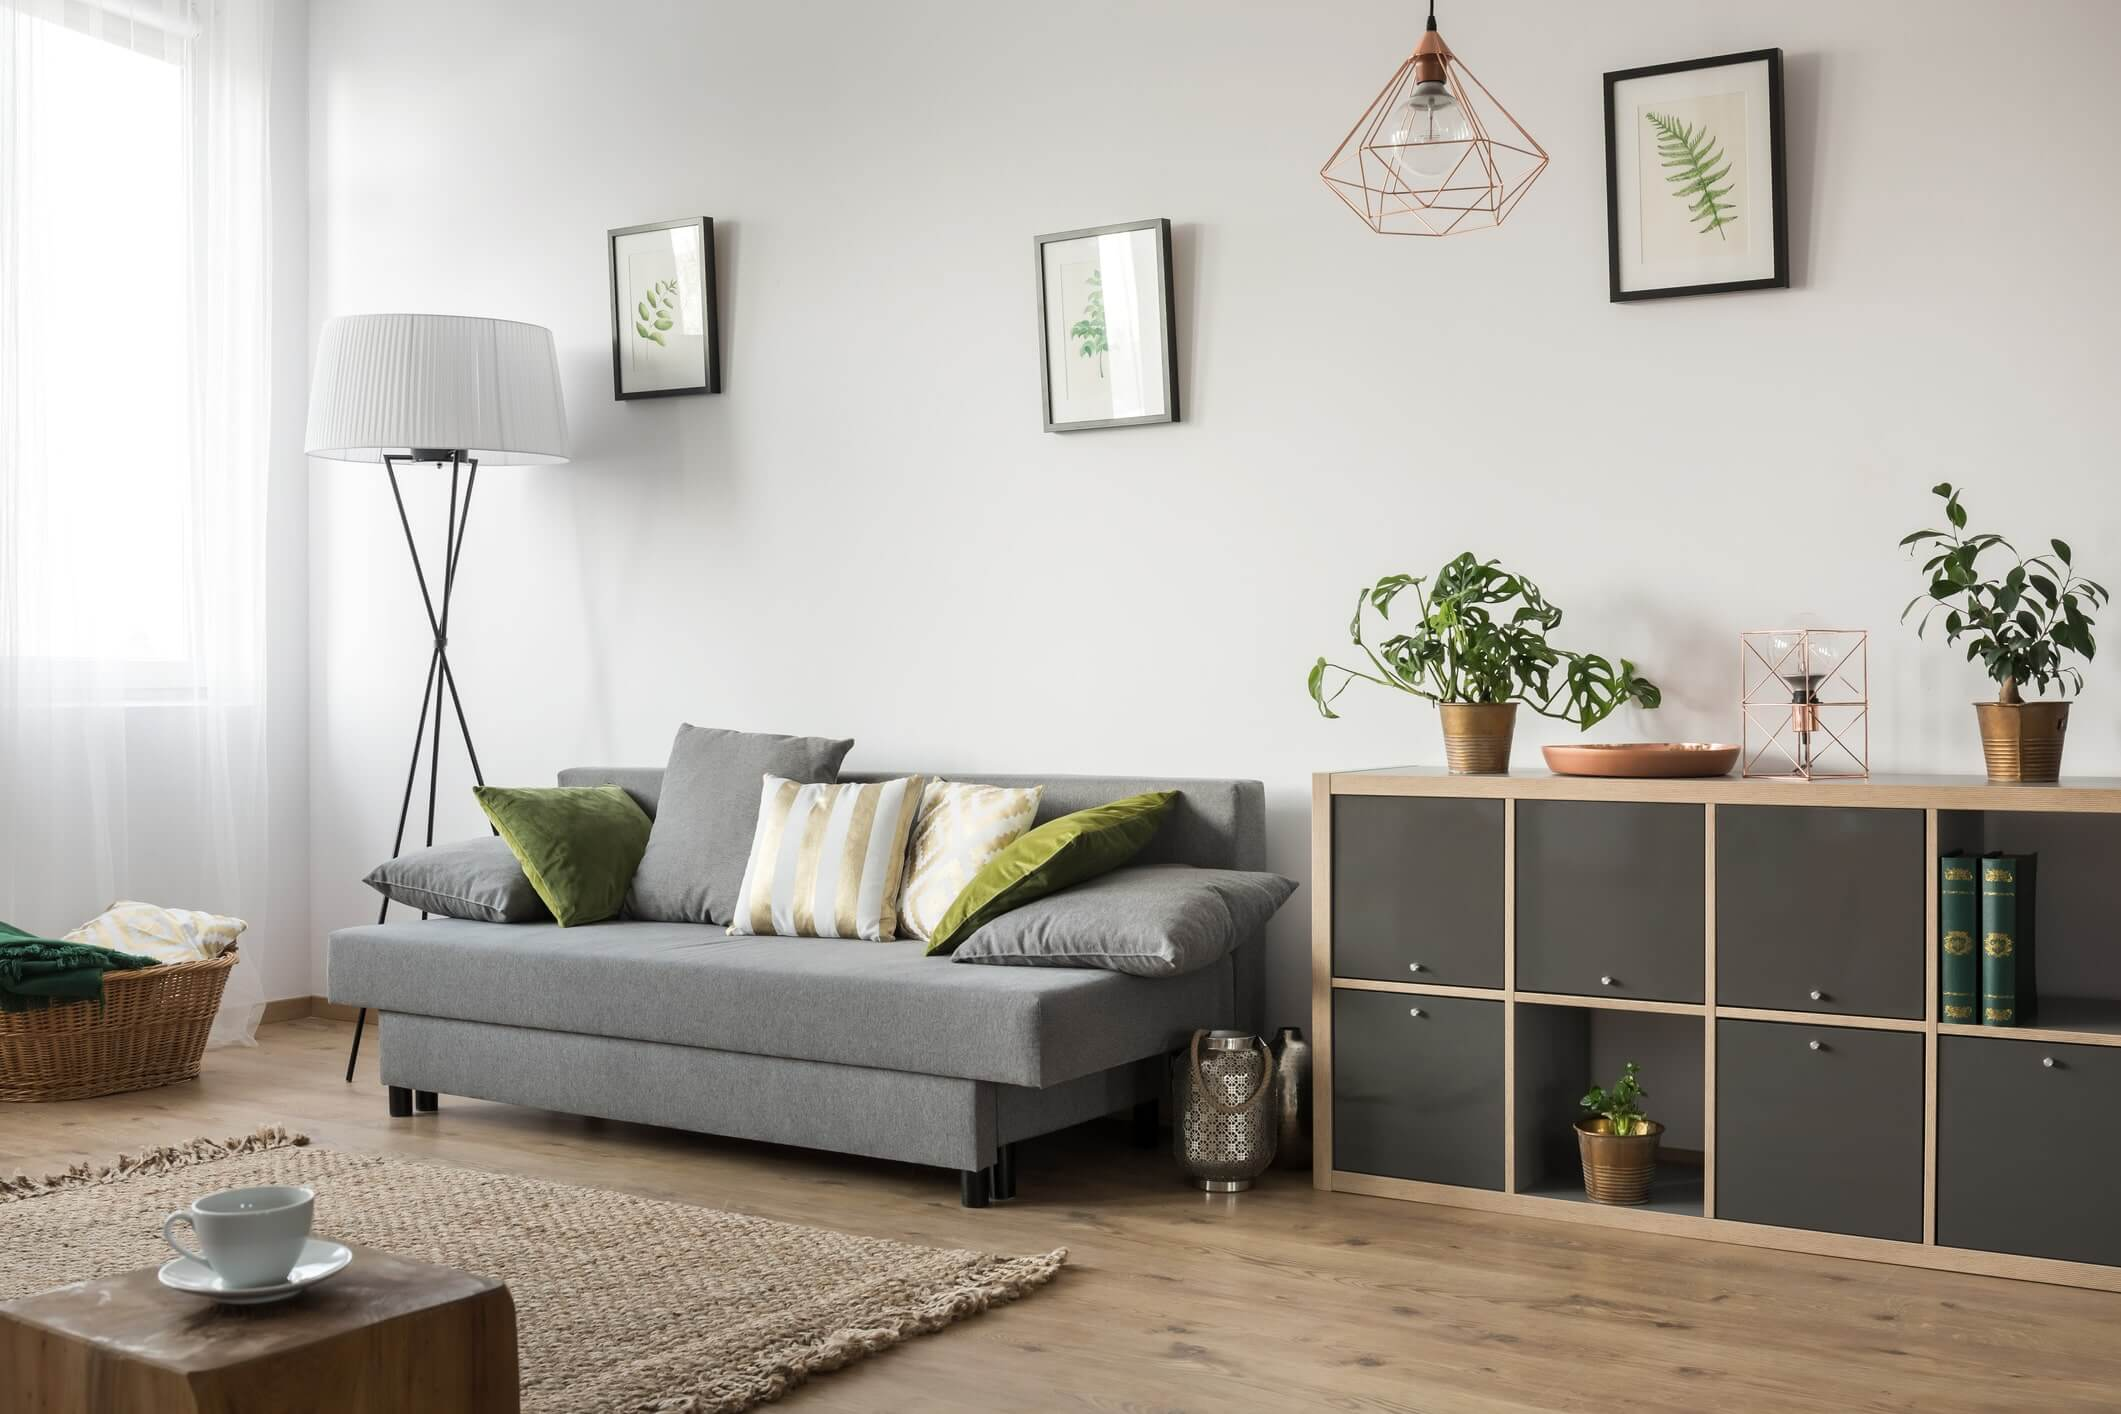 Full Size of Ikea Lampen Tradfri Alle Infos Zum Smart Home System Bad Esstisch Led Wohnzimmer Küche Kosten Modulküche Schlafzimmer Badezimmer Deckenlampen Modern Designer Wohnzimmer Ikea Lampen